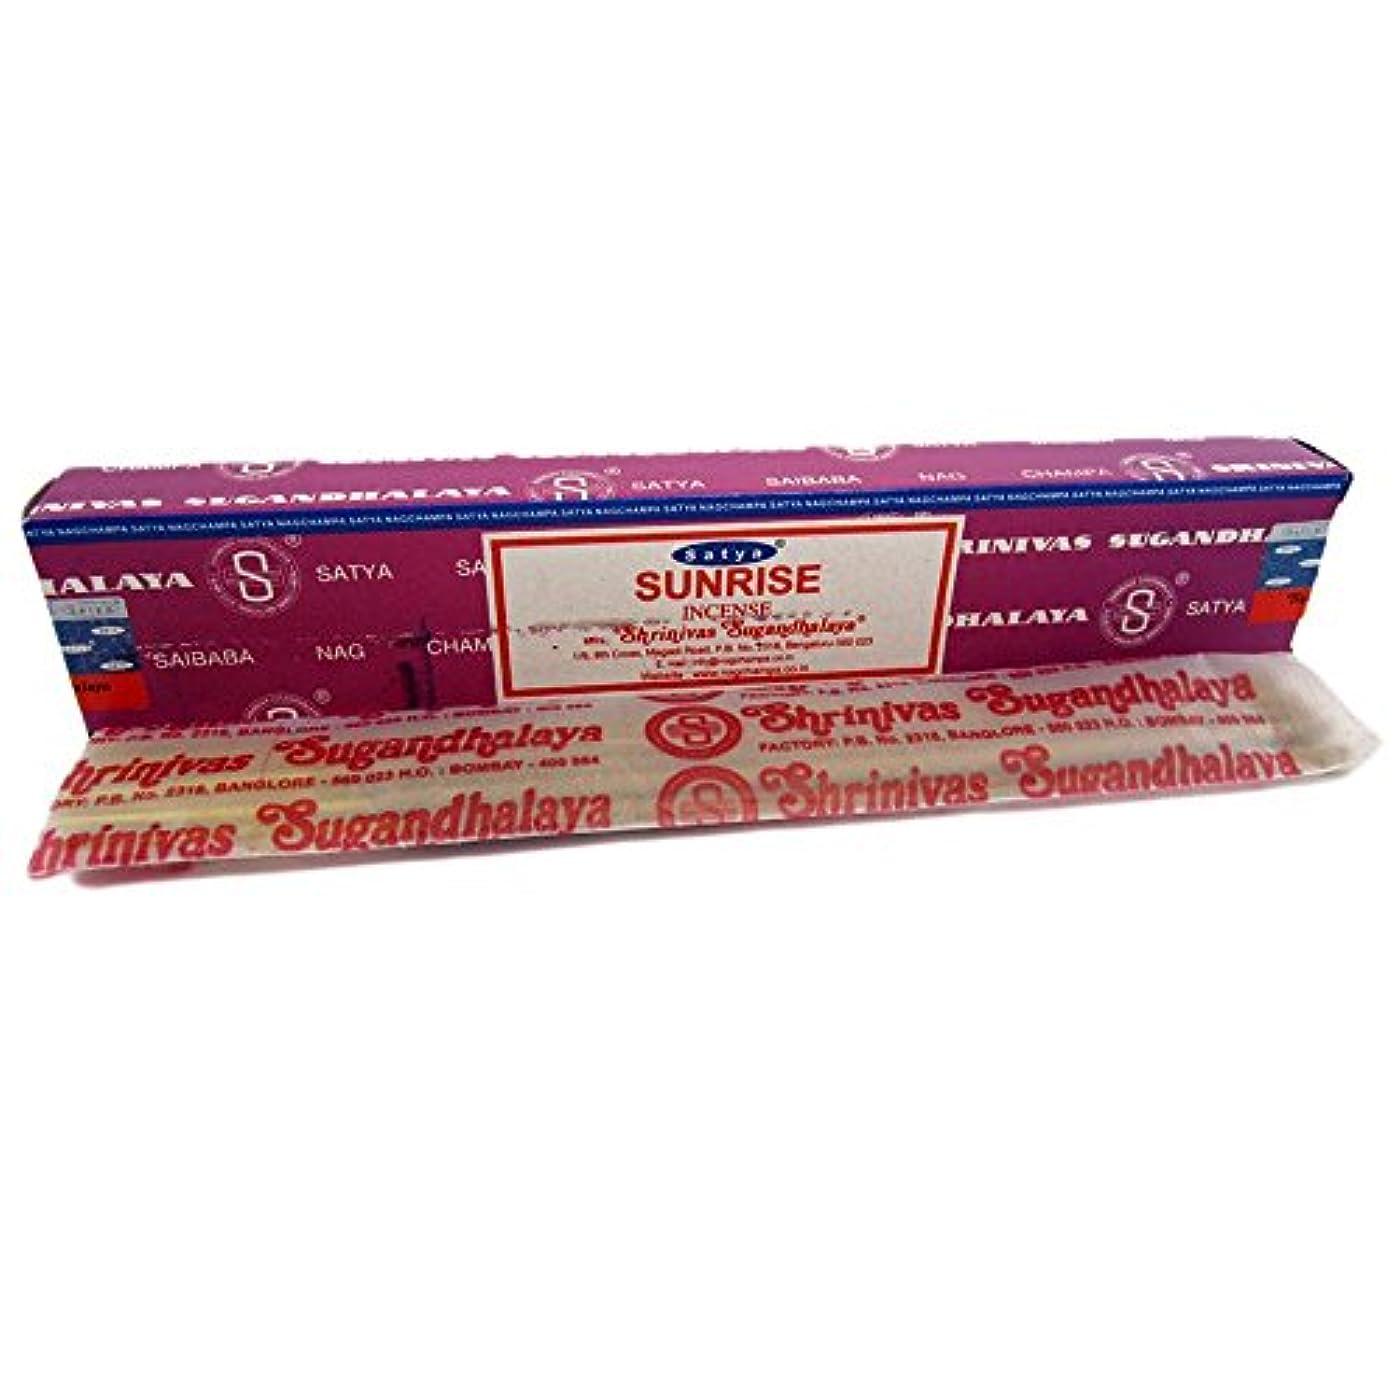 続けるバイソン哲学博士Satya Sunrise Incense Sticks - 15g